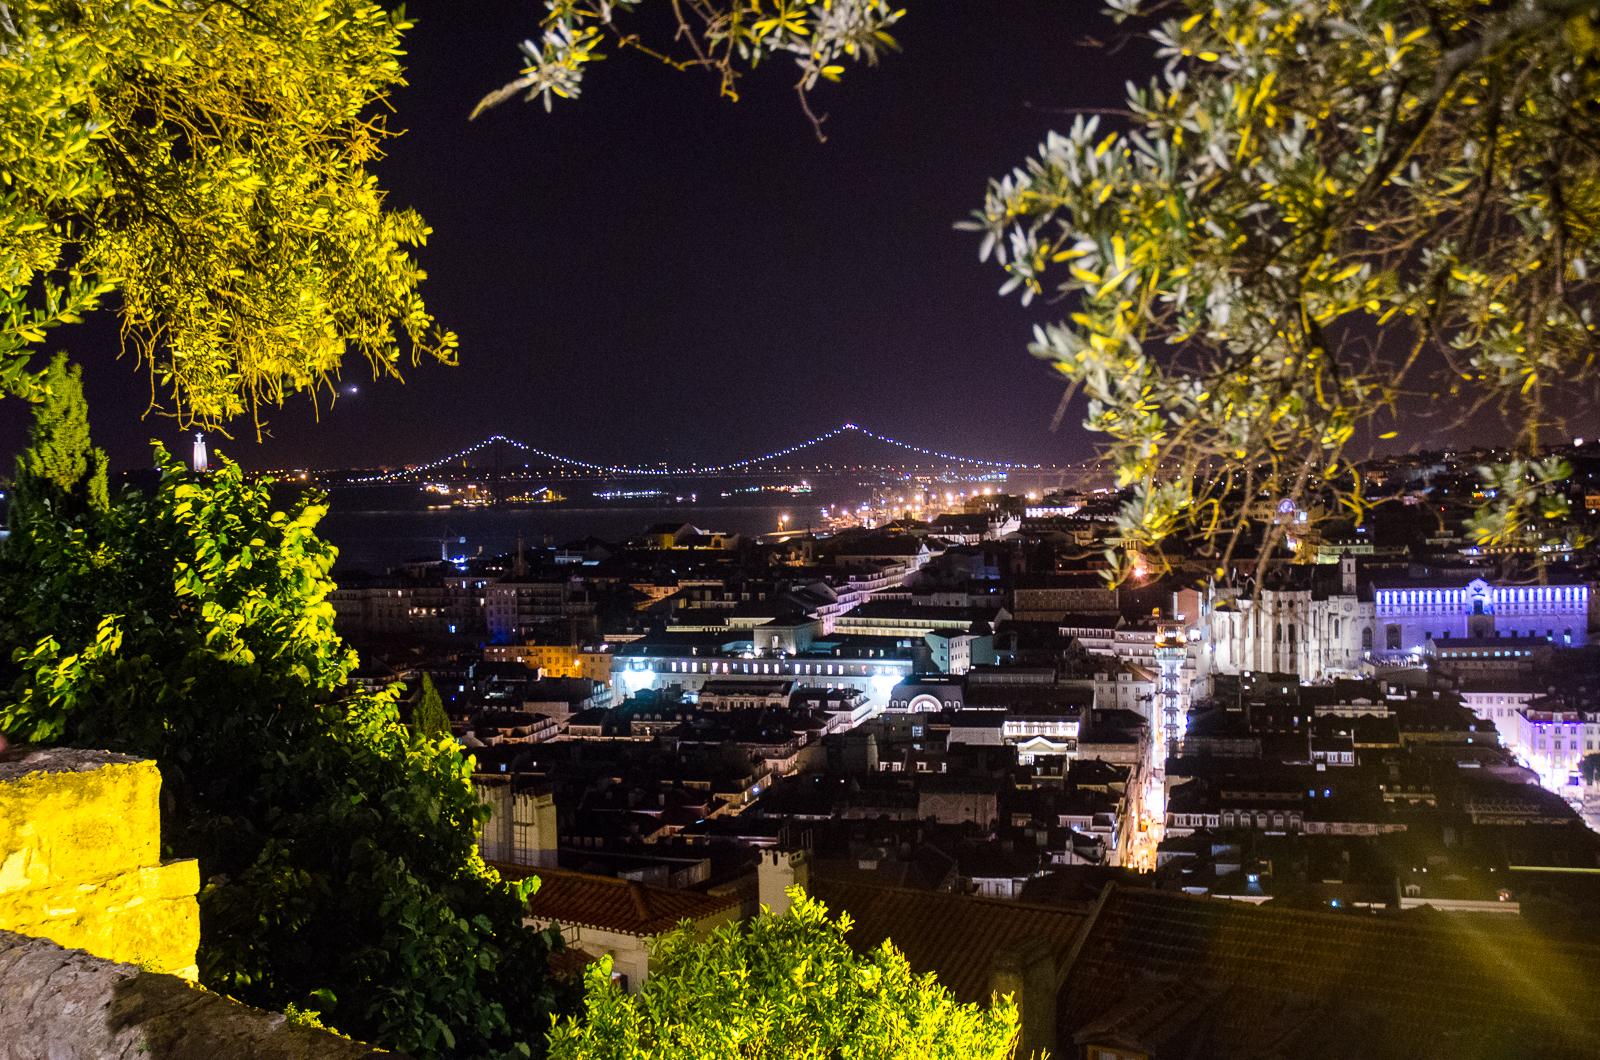 Lizbona nocą. Czmychanie z restauracji na papierosa. Patrzenie na miasto. Wino we krwi